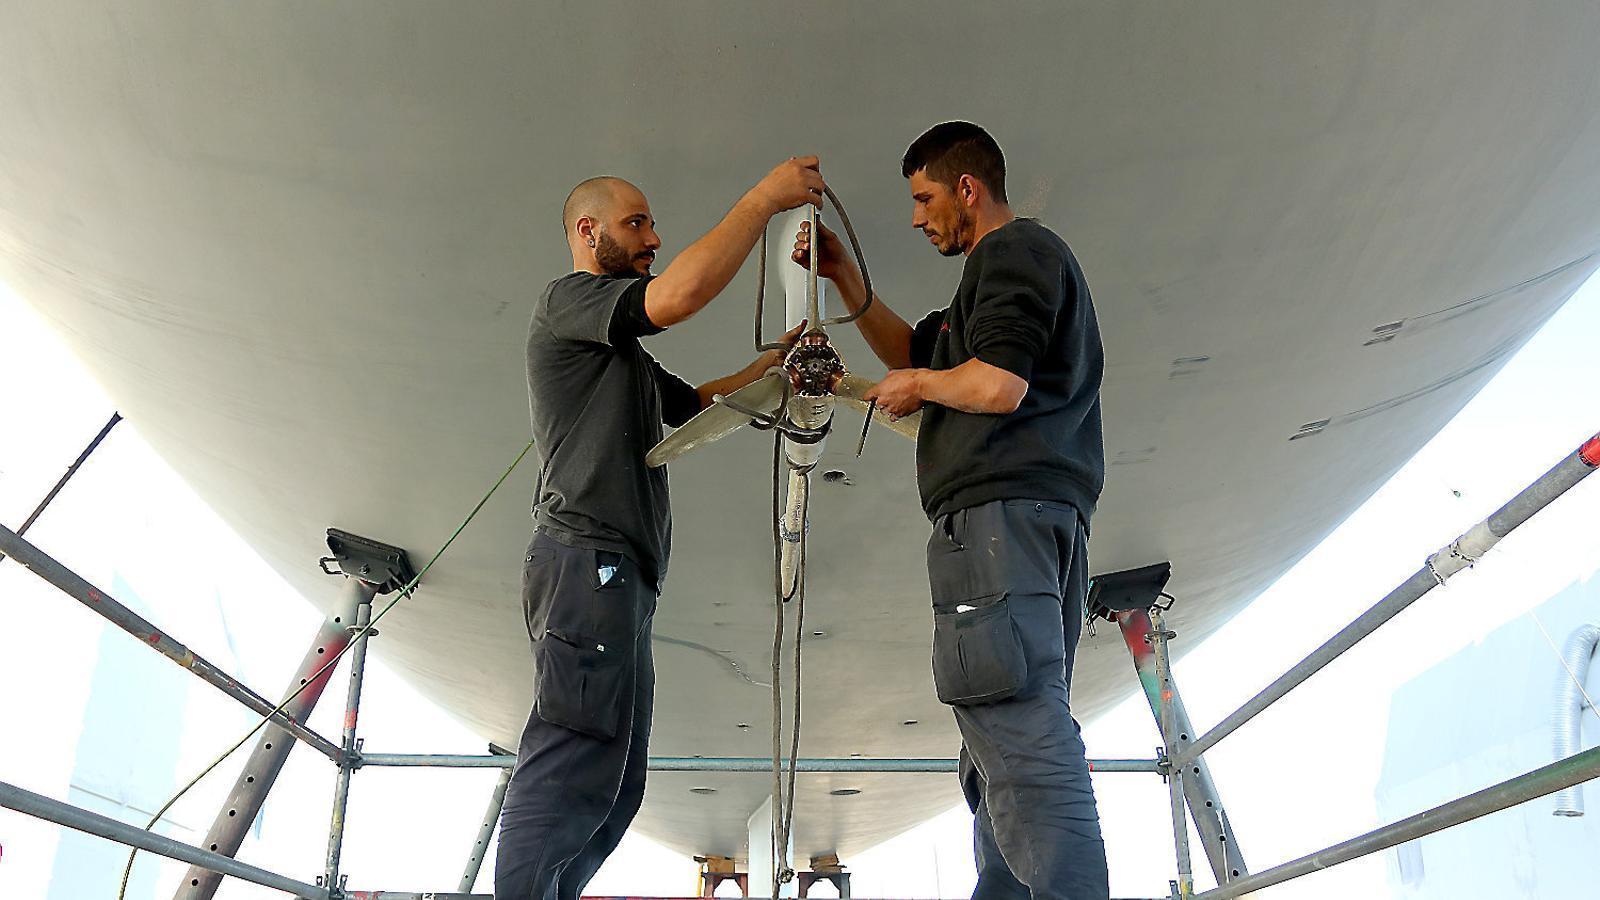 Manteniment i reparacions De vaixells, un sector puixant